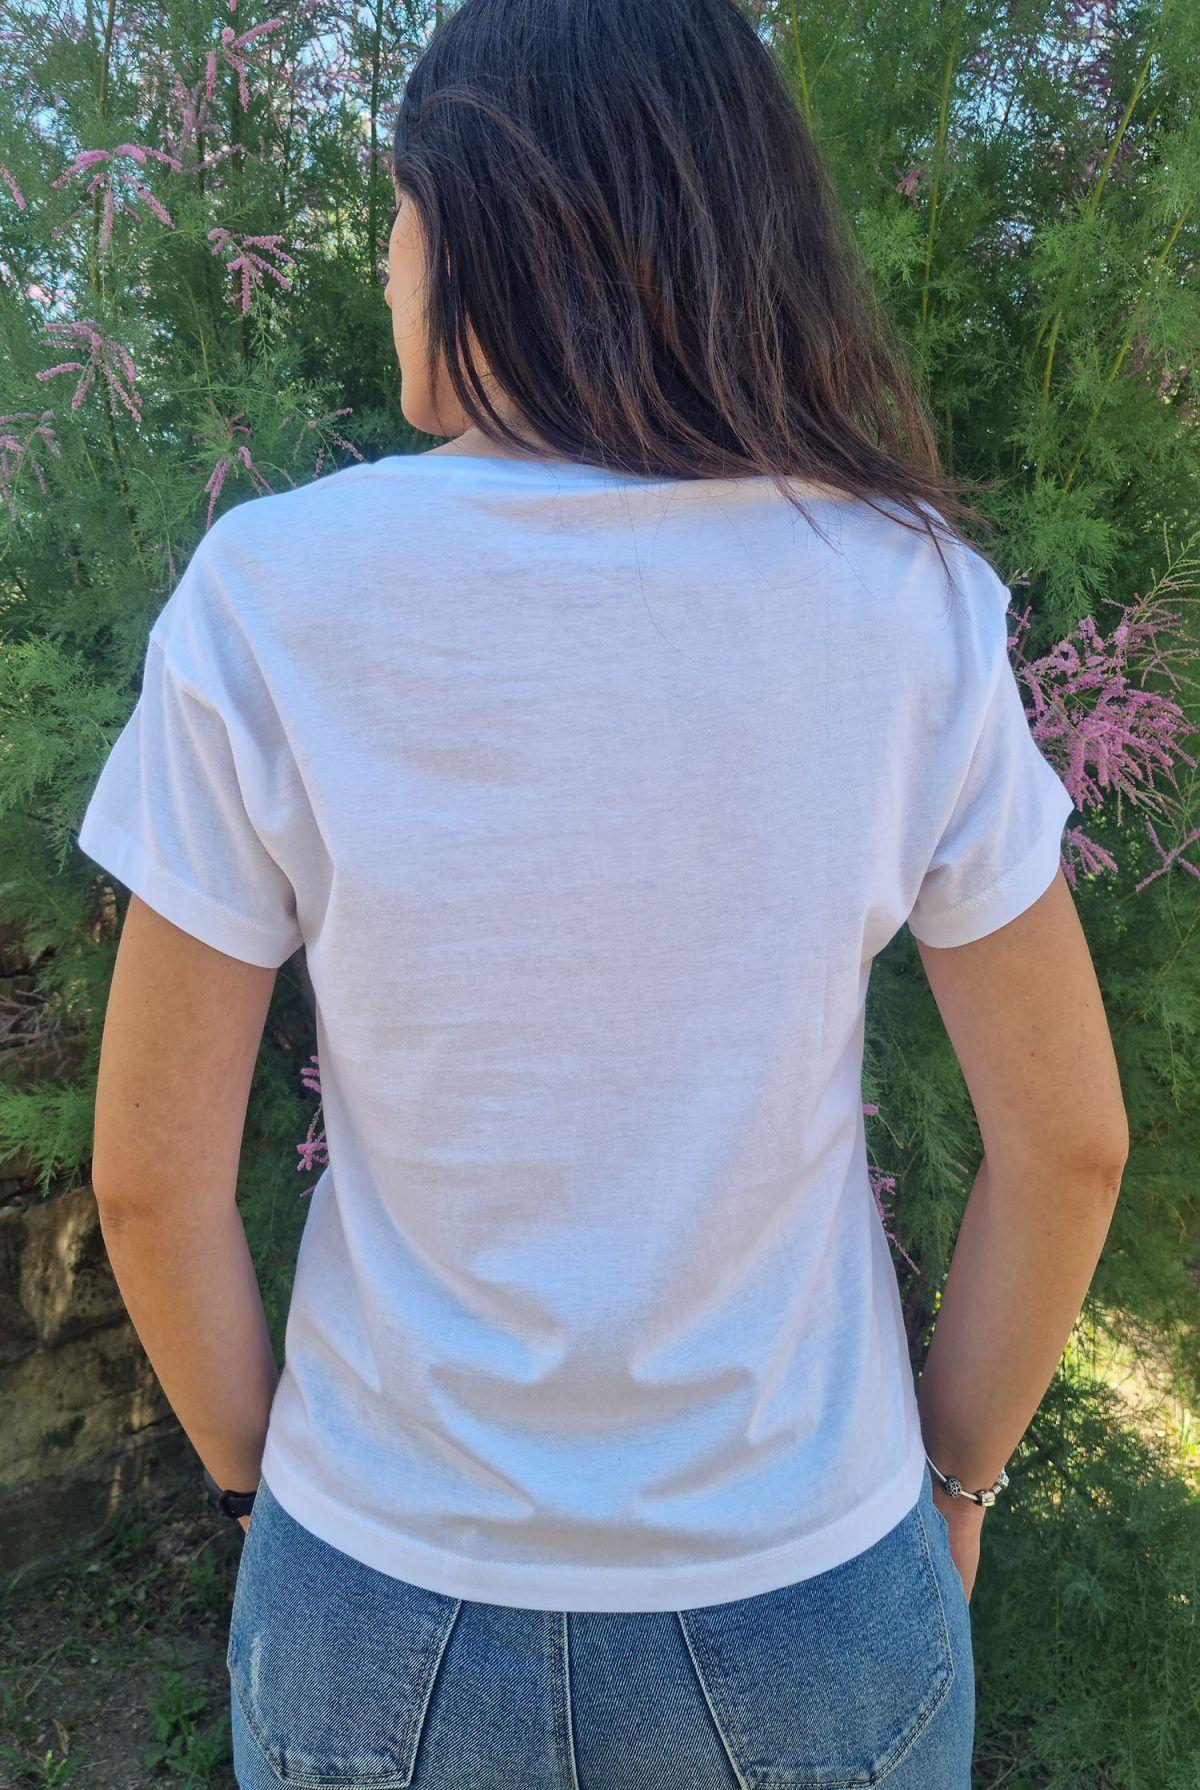 Camiseta mujer Baobab blanca-sirem wild